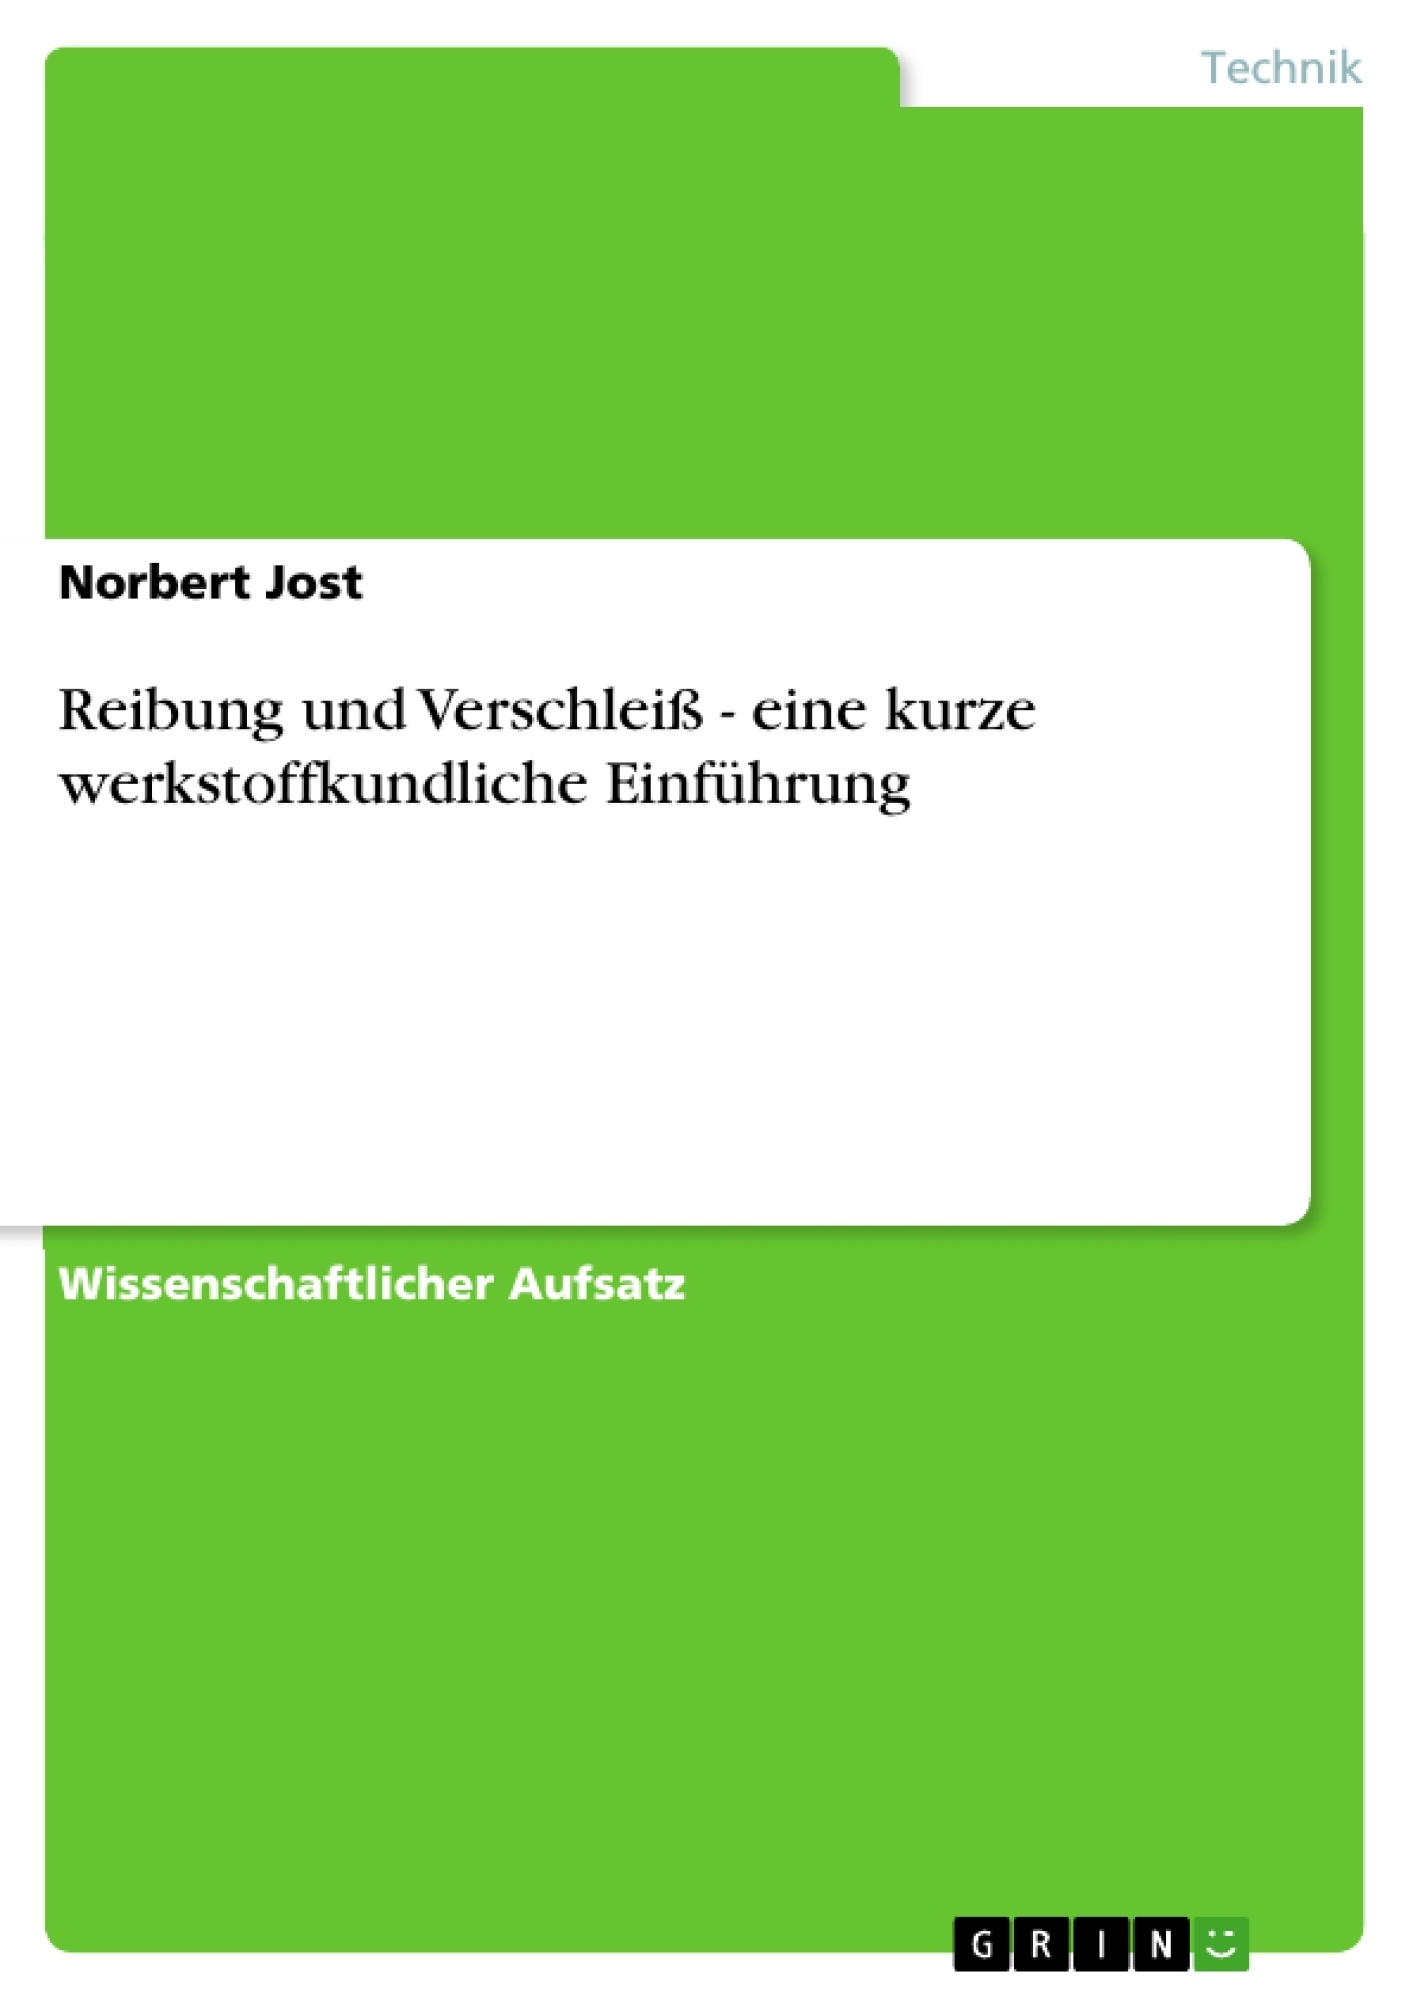 Titel: Reibung und Verschleiß - eine kurze werkstoffkundliche Einführung